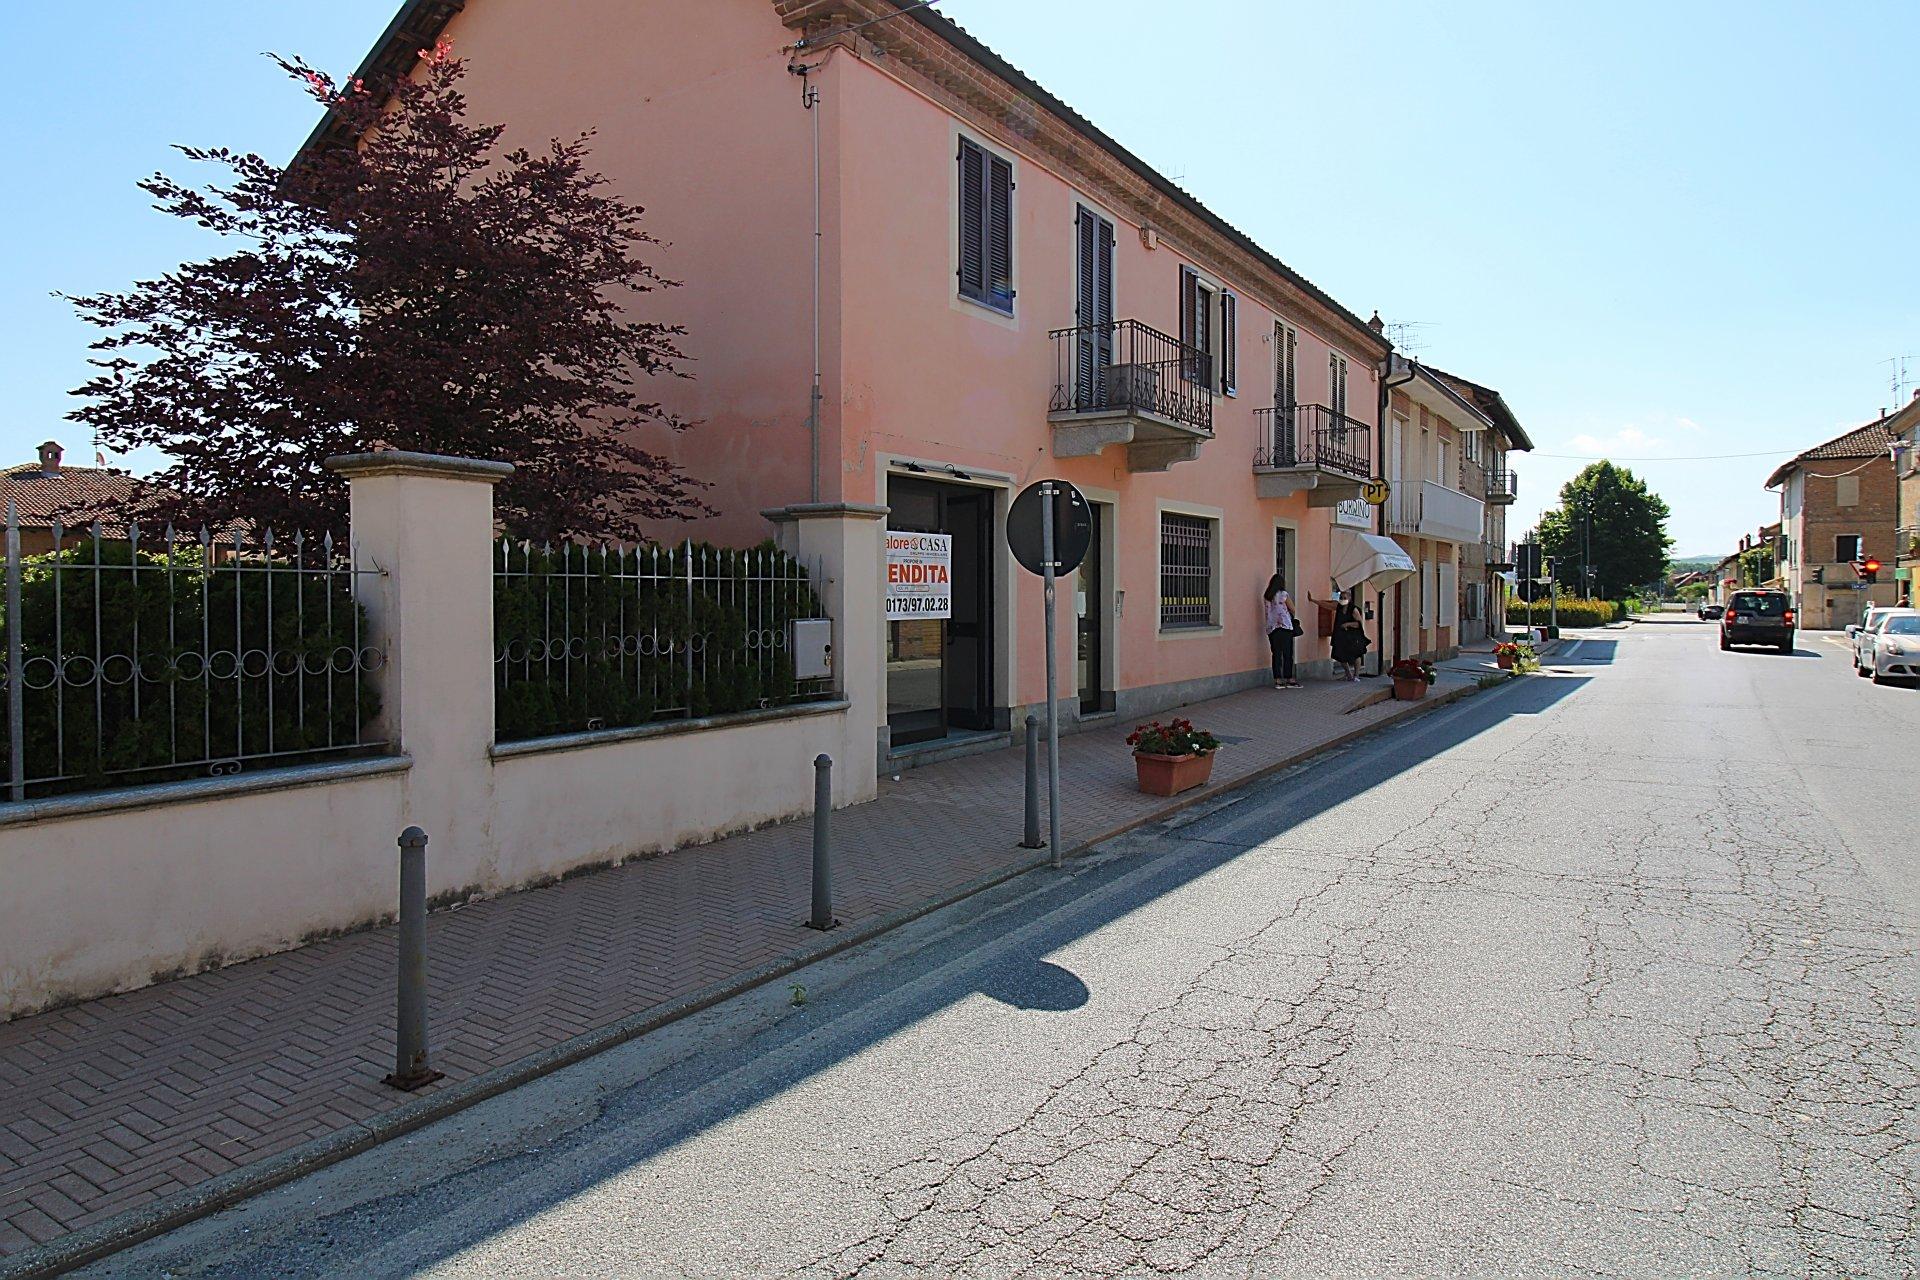 Locale Commerciale a Magliano